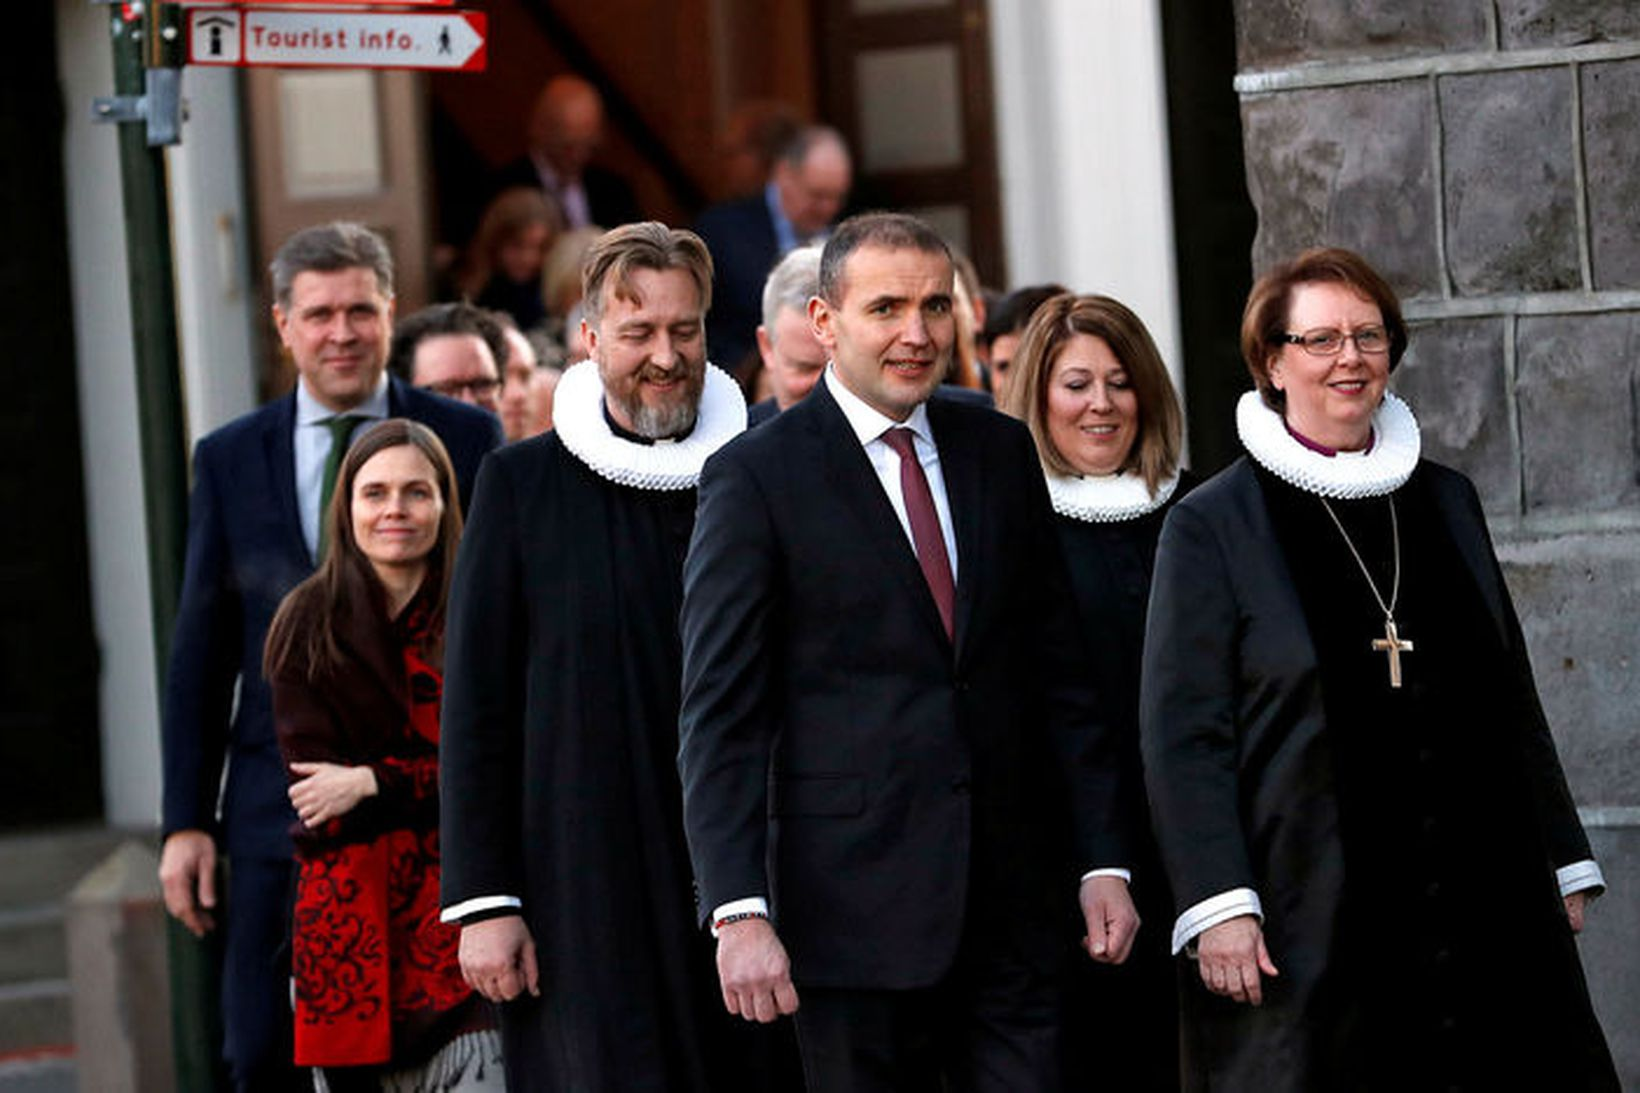 Arna Grétarsdóttir, sóknarprestur á Reynivöllum sést hér á milli forseta …